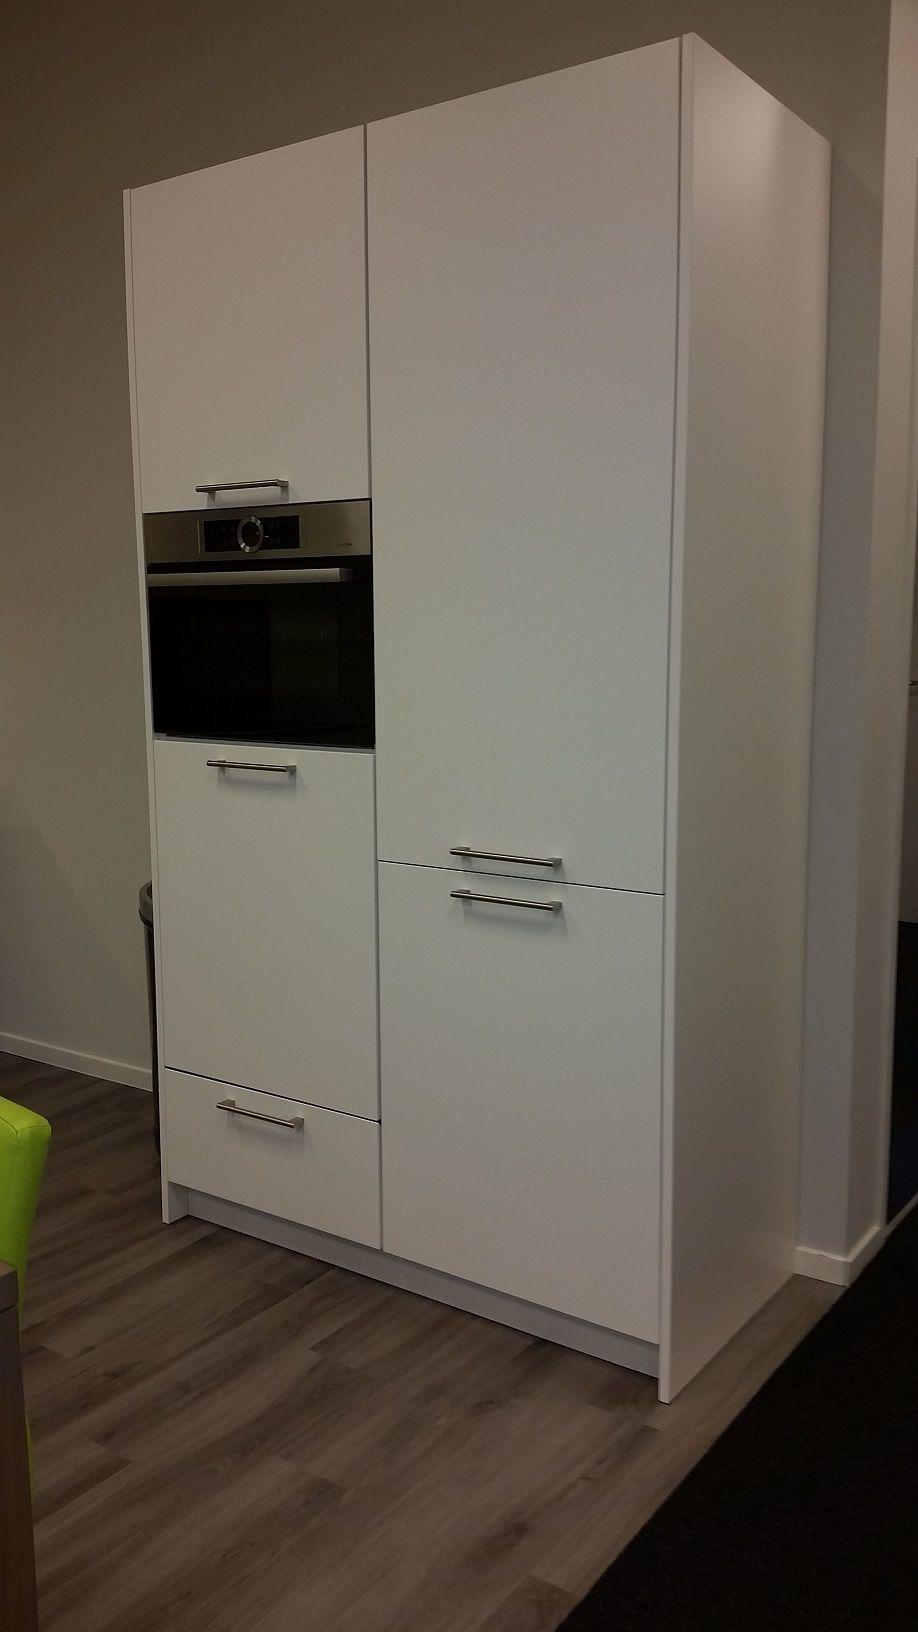 Vaatwasser Voor Zwevende Keuken : Nederland keukens voor zeer lage keuken prijzen Bari mat lak [54698